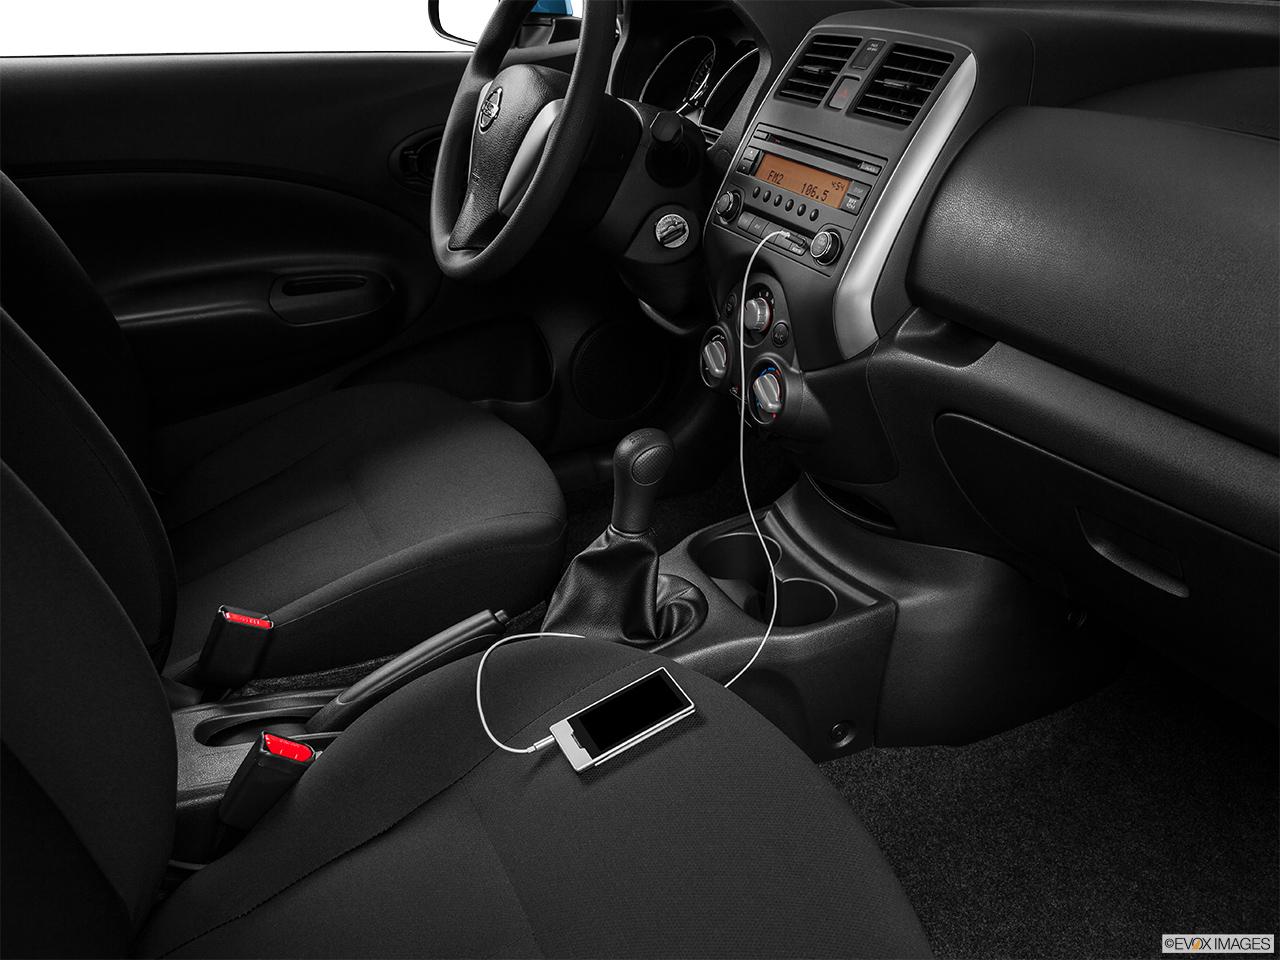 2015 nissan versa note 5 door manual 1 6 s hatchback front angle rh carnow com nissan versa note manual 2015 nissan versa note manual transmission review